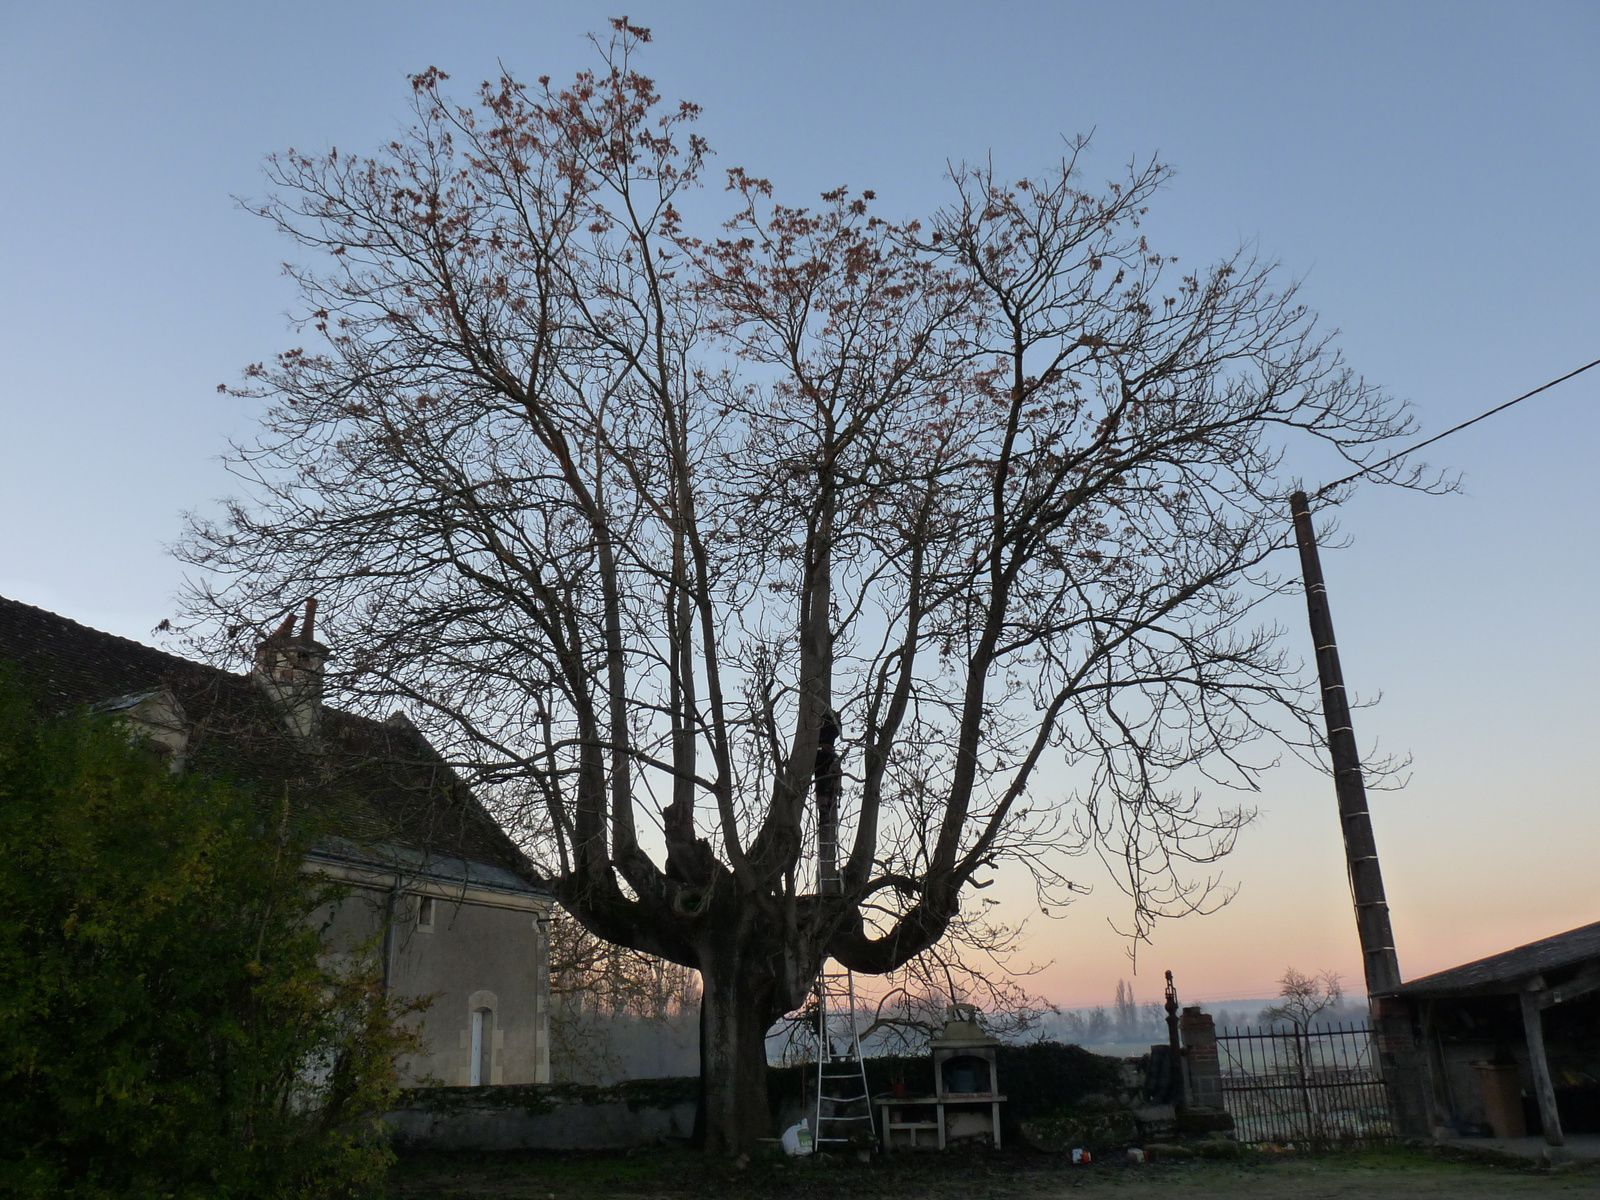 Circonférence:2m90.Gros spécimen .De très grosses cavités avec des risque de ruptures.Taille à reproduire plus régulièrement pour des coupes de diamètre plus petit au dessus de celles faite aujourd'hui.                                                                Ailanthus glandulosa L'Ailante glanduleux, Ailante ou Faux vernis du Japon ou Vernis de Chine (Ailanthus altissima) est une espèce d'arbres à feuilles caduques de la famille des Simaroubaceae. Il est natif à la fois du nord-est et du centre de la Chine et de Taïwan. Il est présent davantage dans la forêt tempérée que dans la forêt subtropicale d'Extrême-Orient. L'arbre pousse vite et est capable d'atteindre des hauteurs de 15 mètres en 25 ans. Cependant, l'espèce a également une durée de vie courte et vit rarement plus de 50 ans (il peut cependant poursuivre son existence bien au-delà grâce à son pouvoir drageonnant particulièrement développé) souce wikipédia